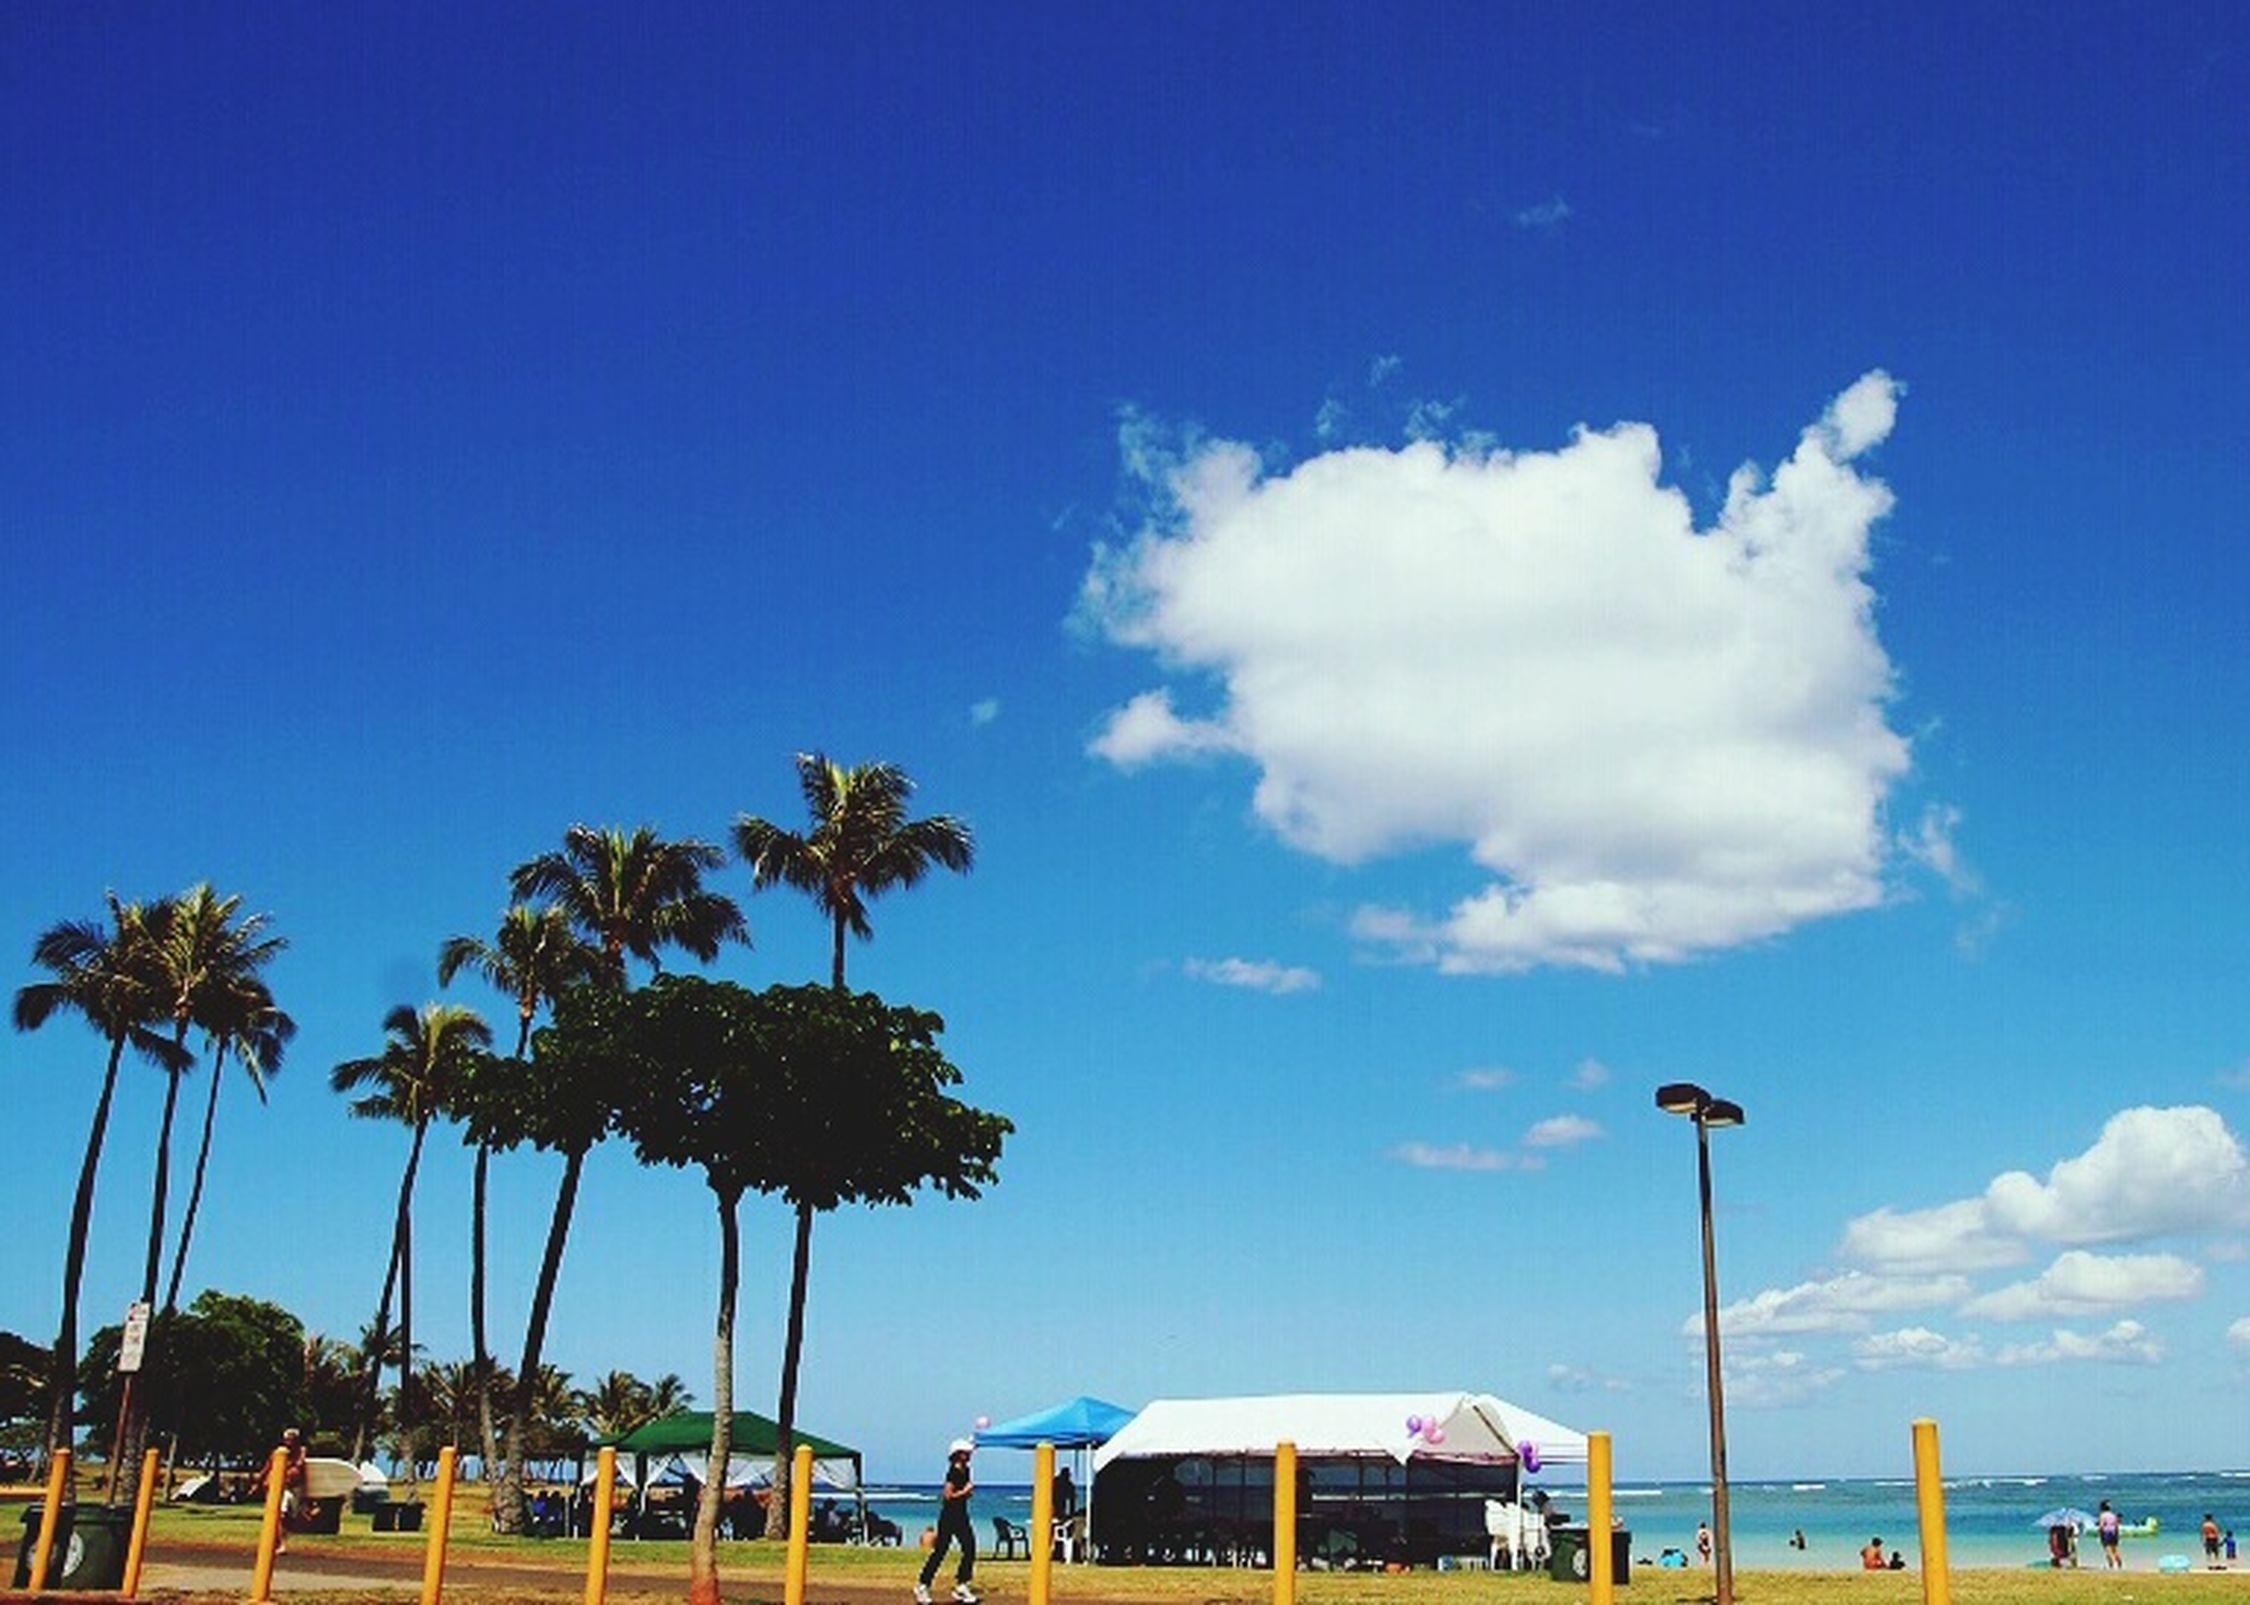 The days on the beach. 夏威夷 Hawaii Beach Summer